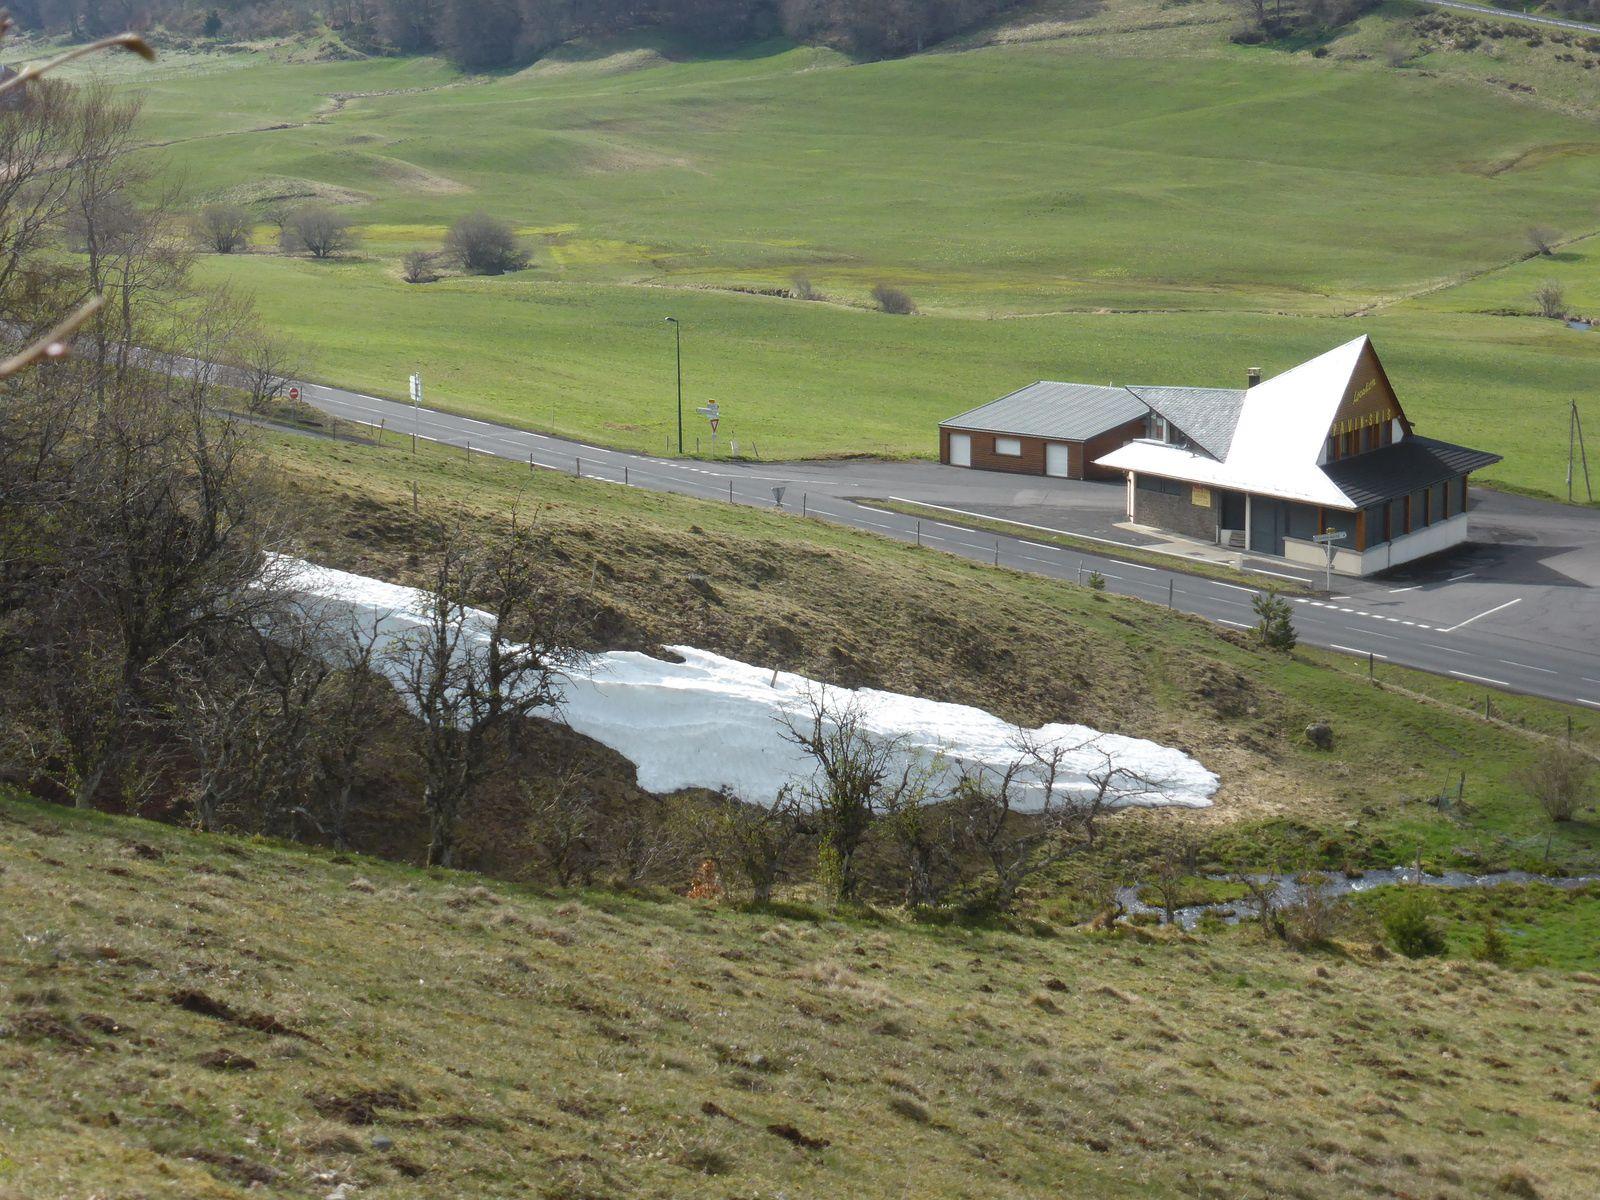 Balade en camping-car, Auvergne 4 - Le lac Pavin